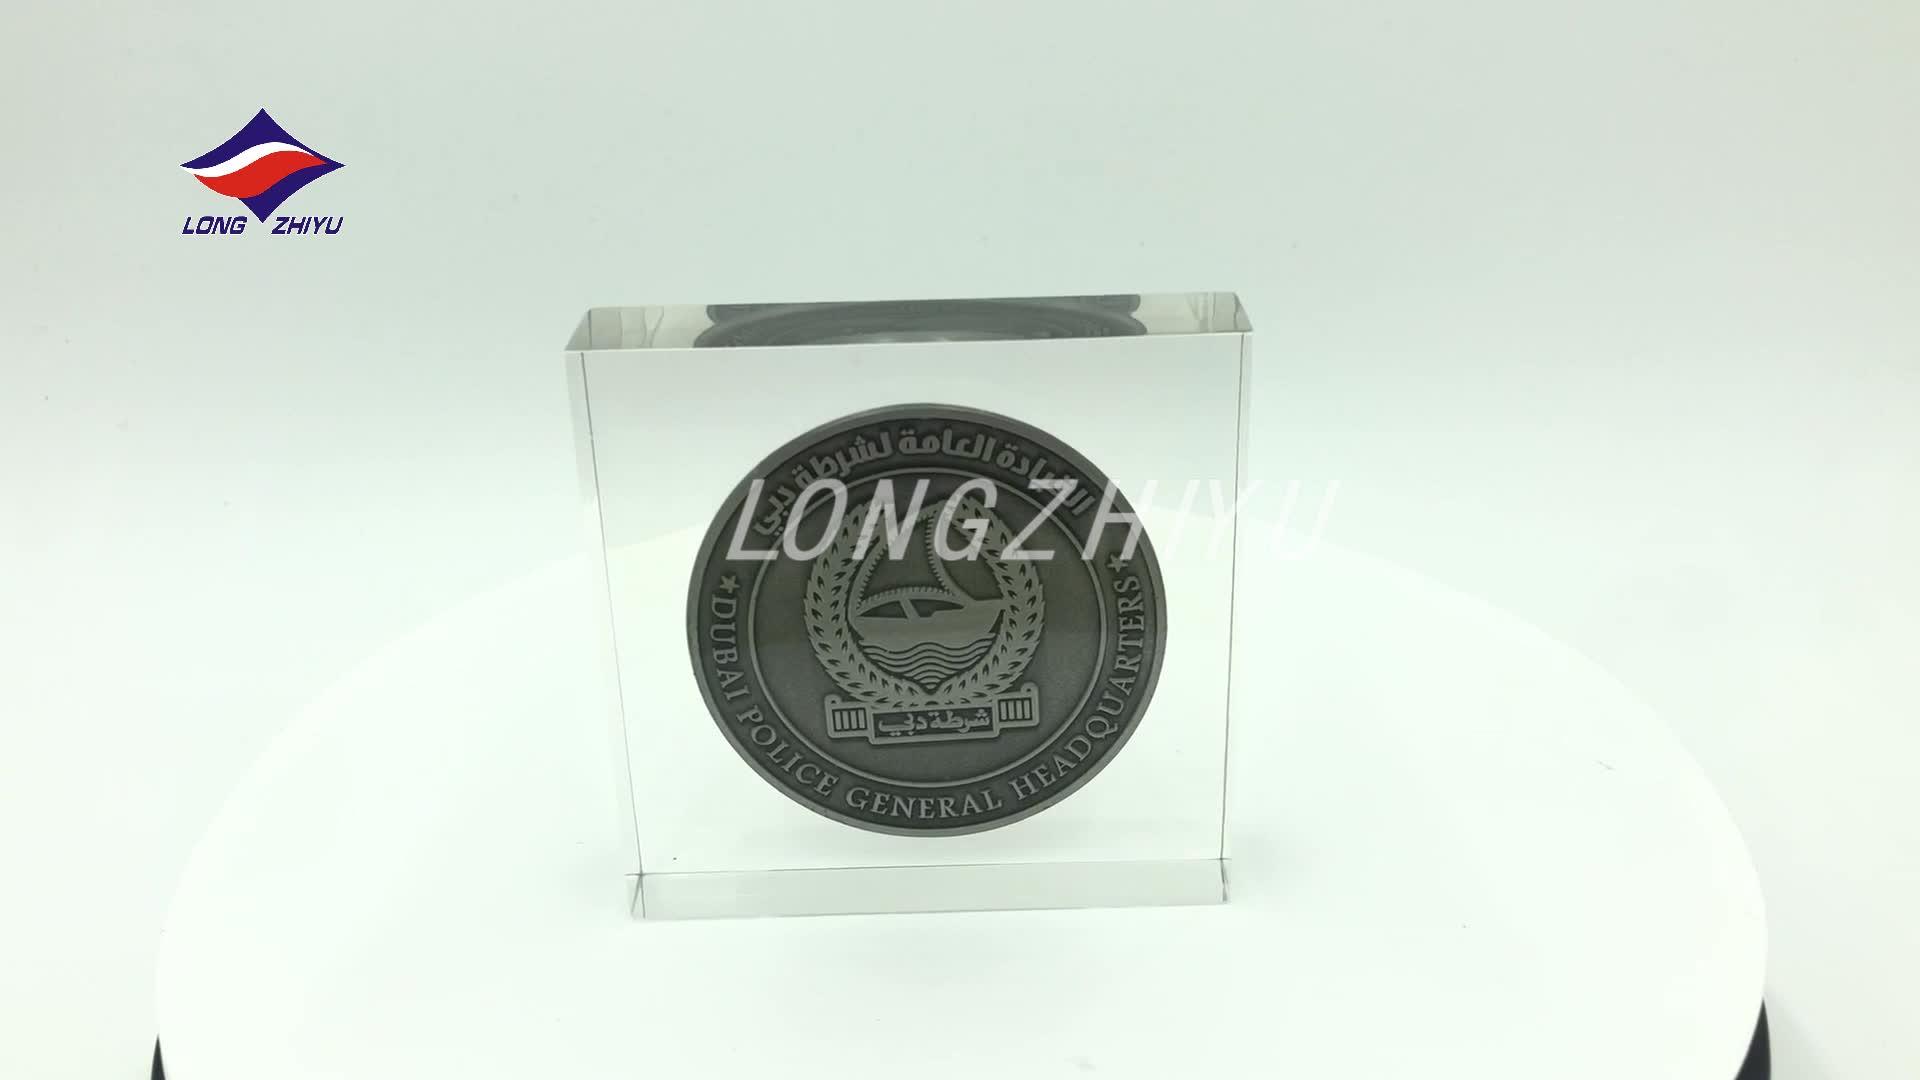 Longzhiyu 12 anos de cristal ofícios da resina fabricante de gravuras personalizadas claro quartz crystal artesanato personalizado lembrança de cristal